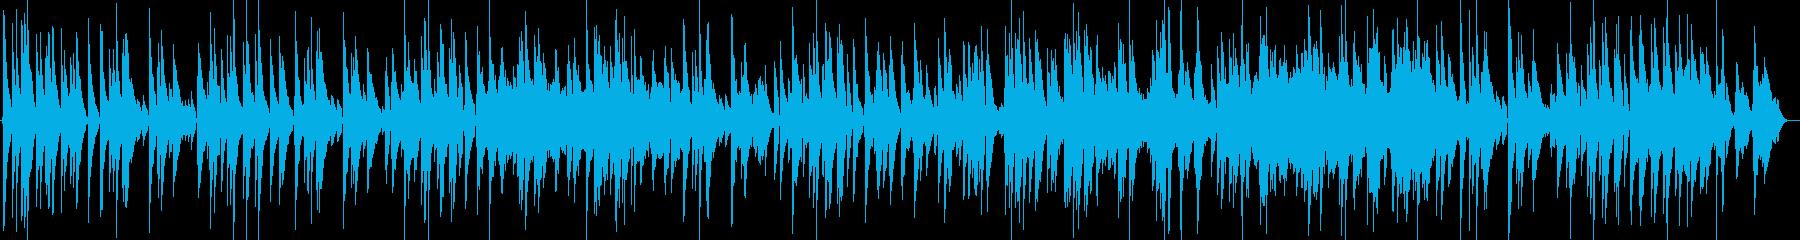 日曜の昼間に聞きたいまったりしたバラードの再生済みの波形